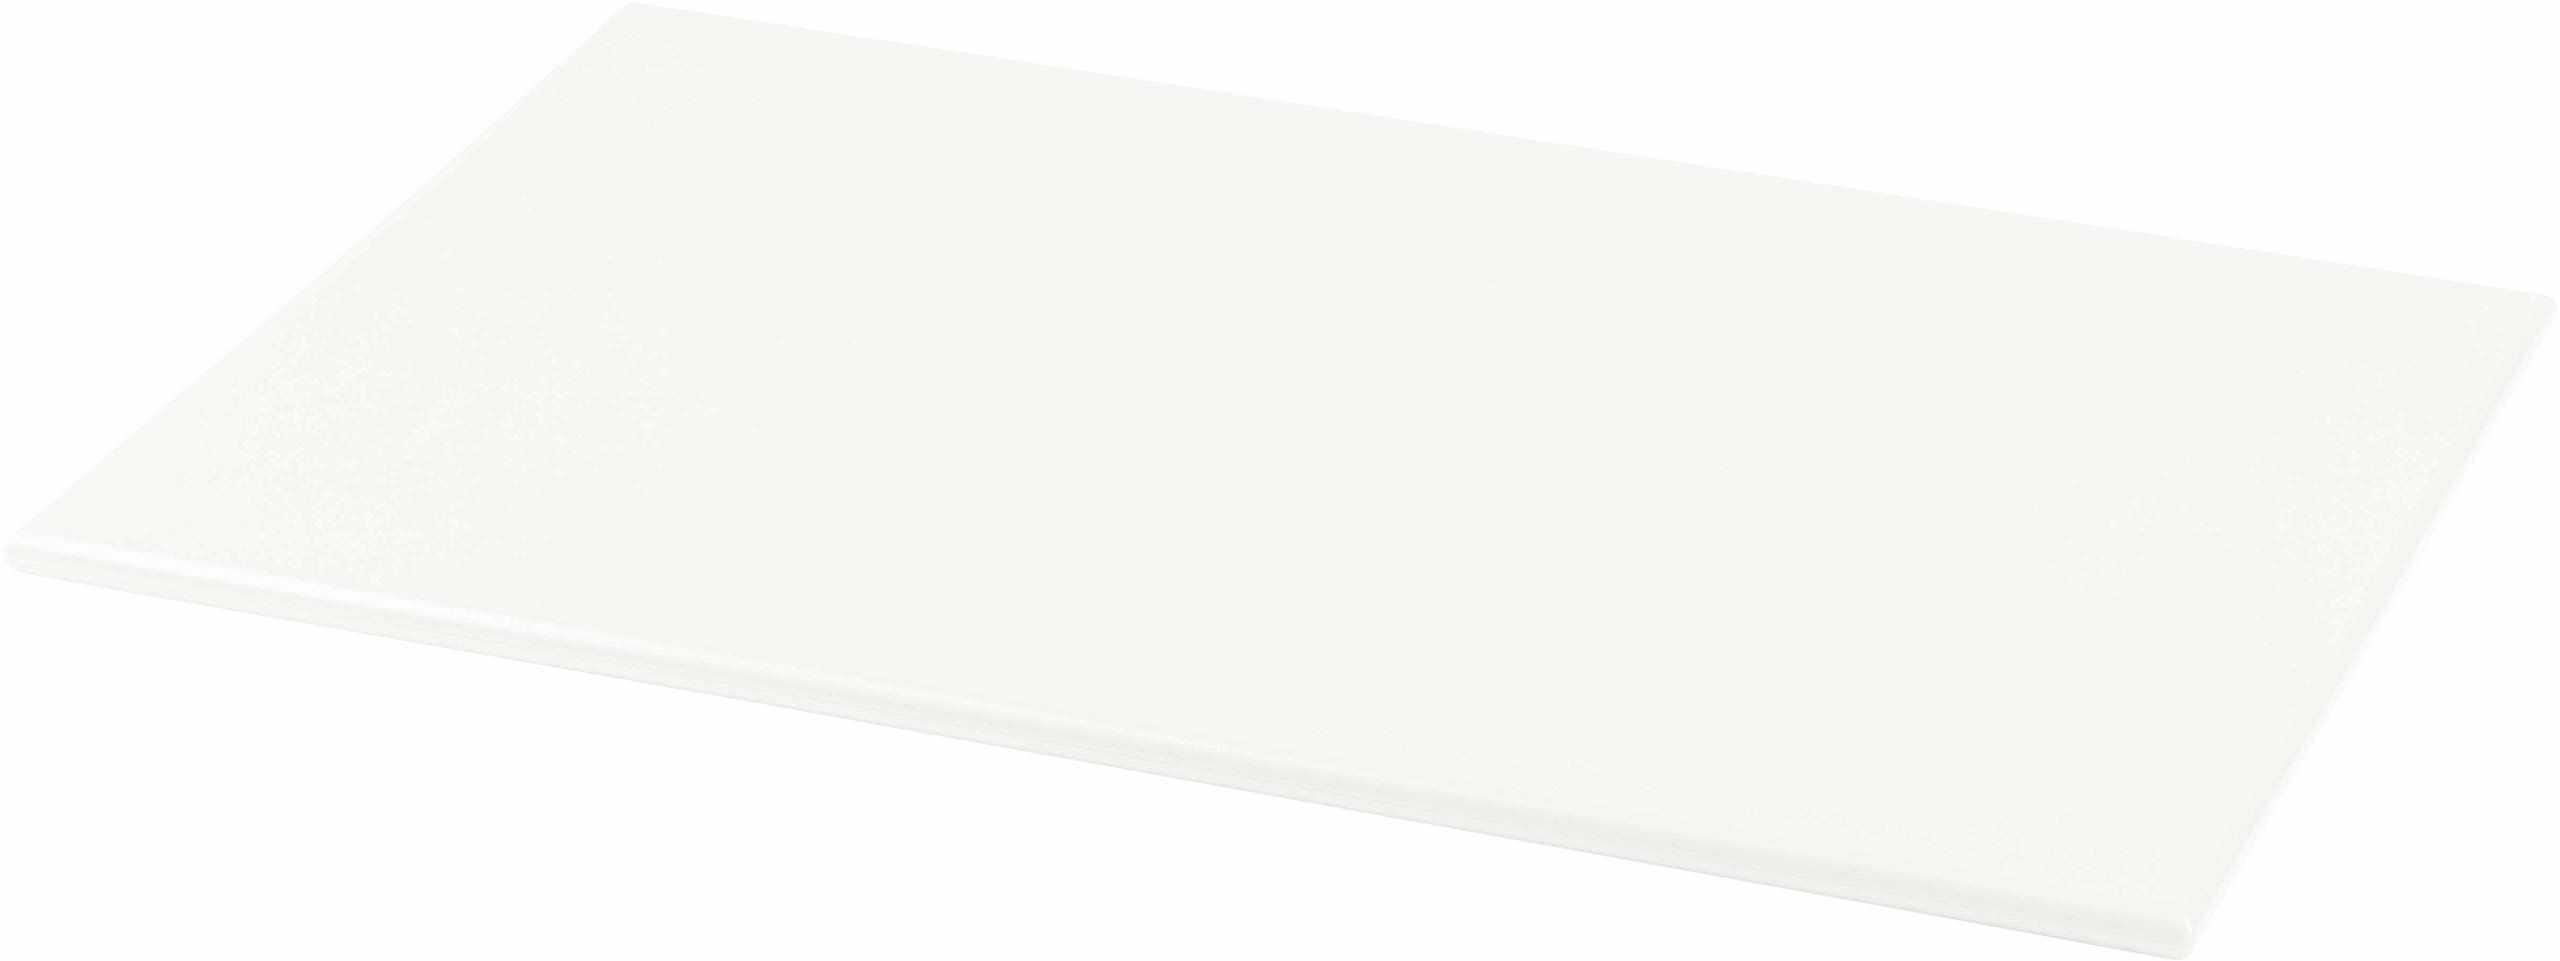 Grunwerg plastikowa deska do krojenia o wysokiej gęstości, biała, 45 x 30 x 1 cm